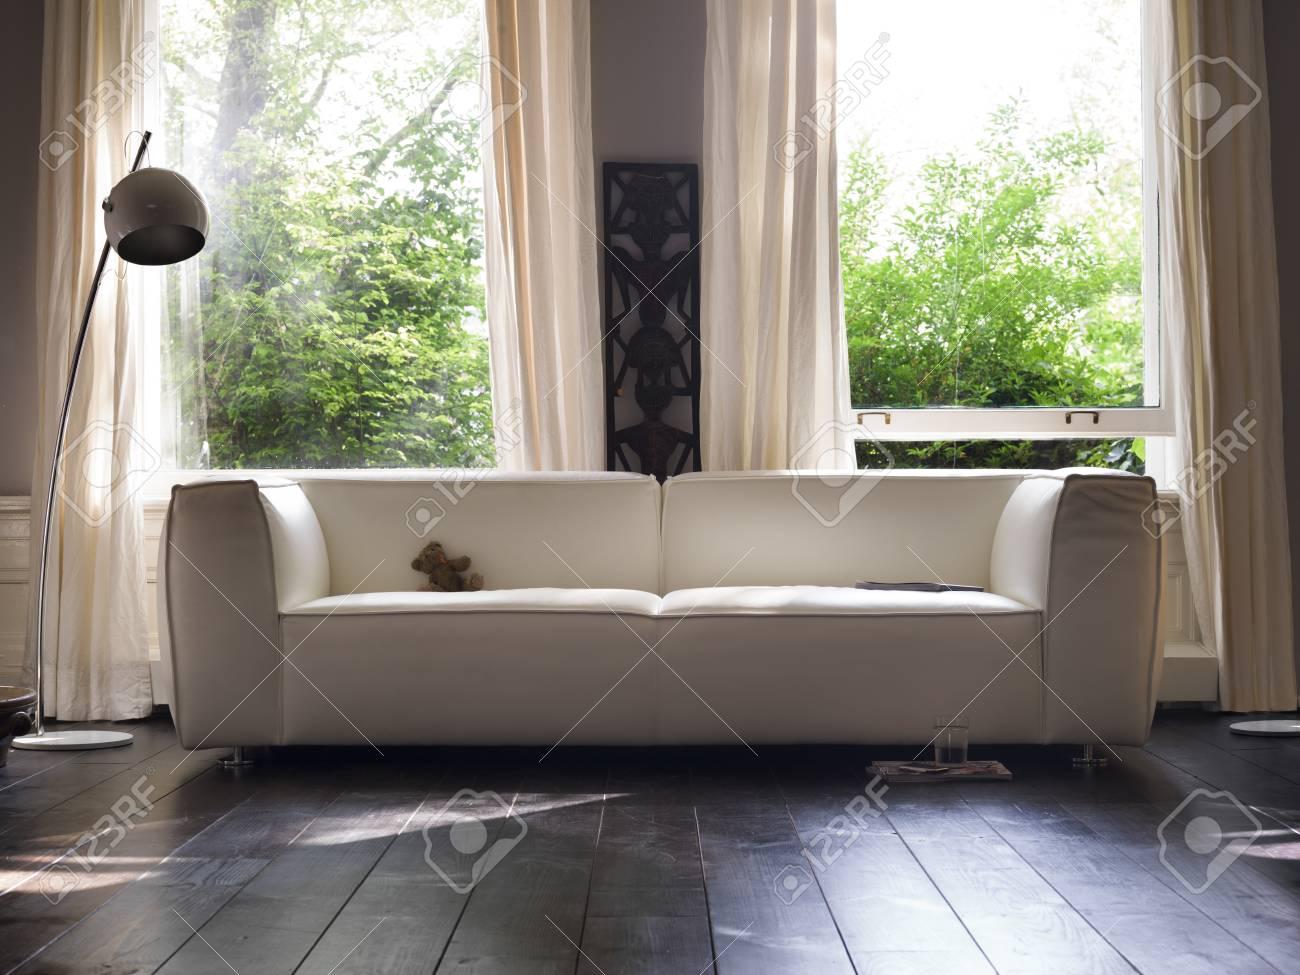 salon avec canape elegant devant une fenetre